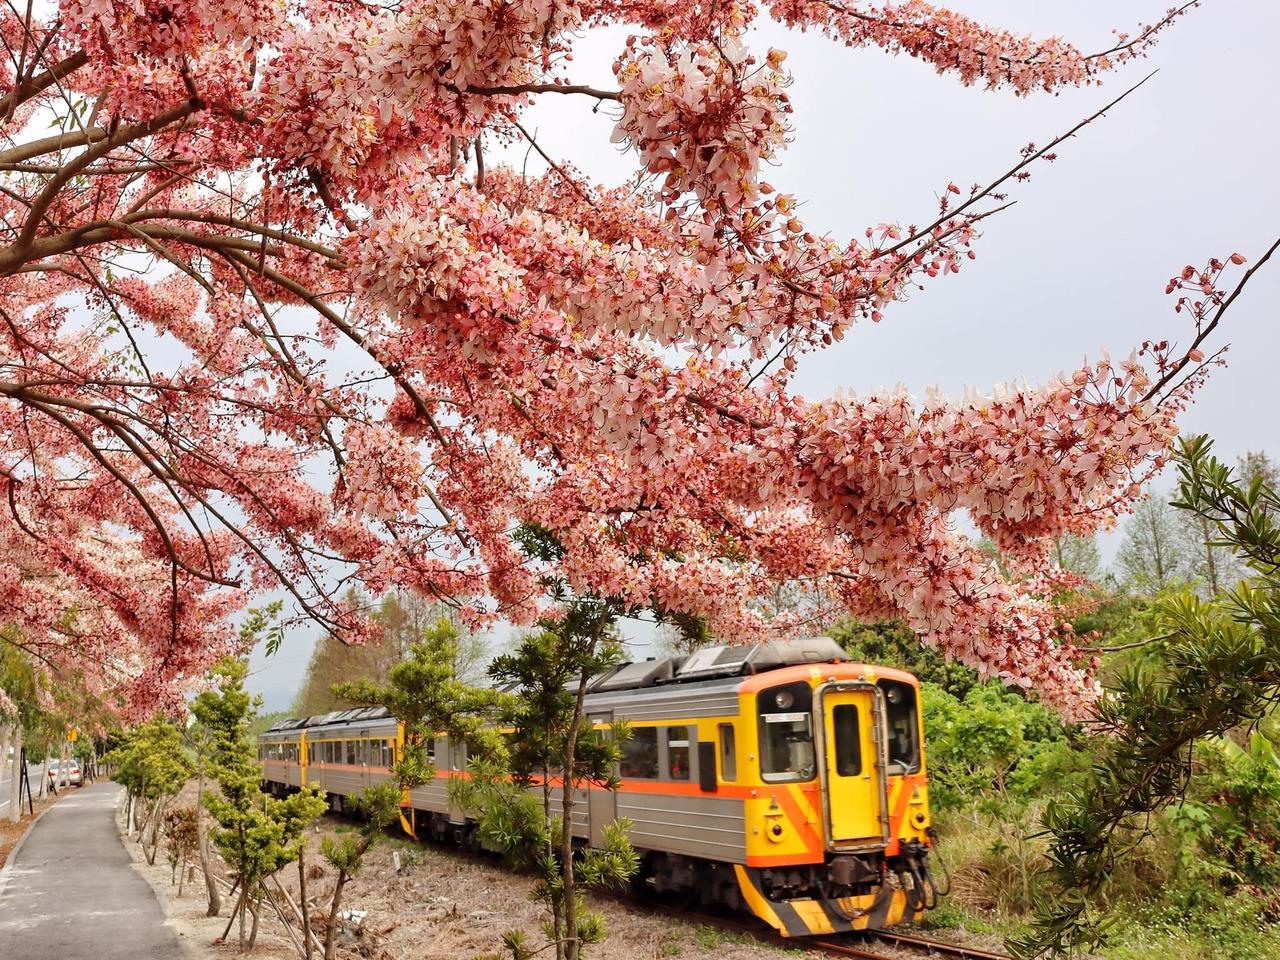 花旗木別名「泰國櫻花」、「平地櫻花」,尤其集集線的石虎小火車駛過時,可媲美阿里山...